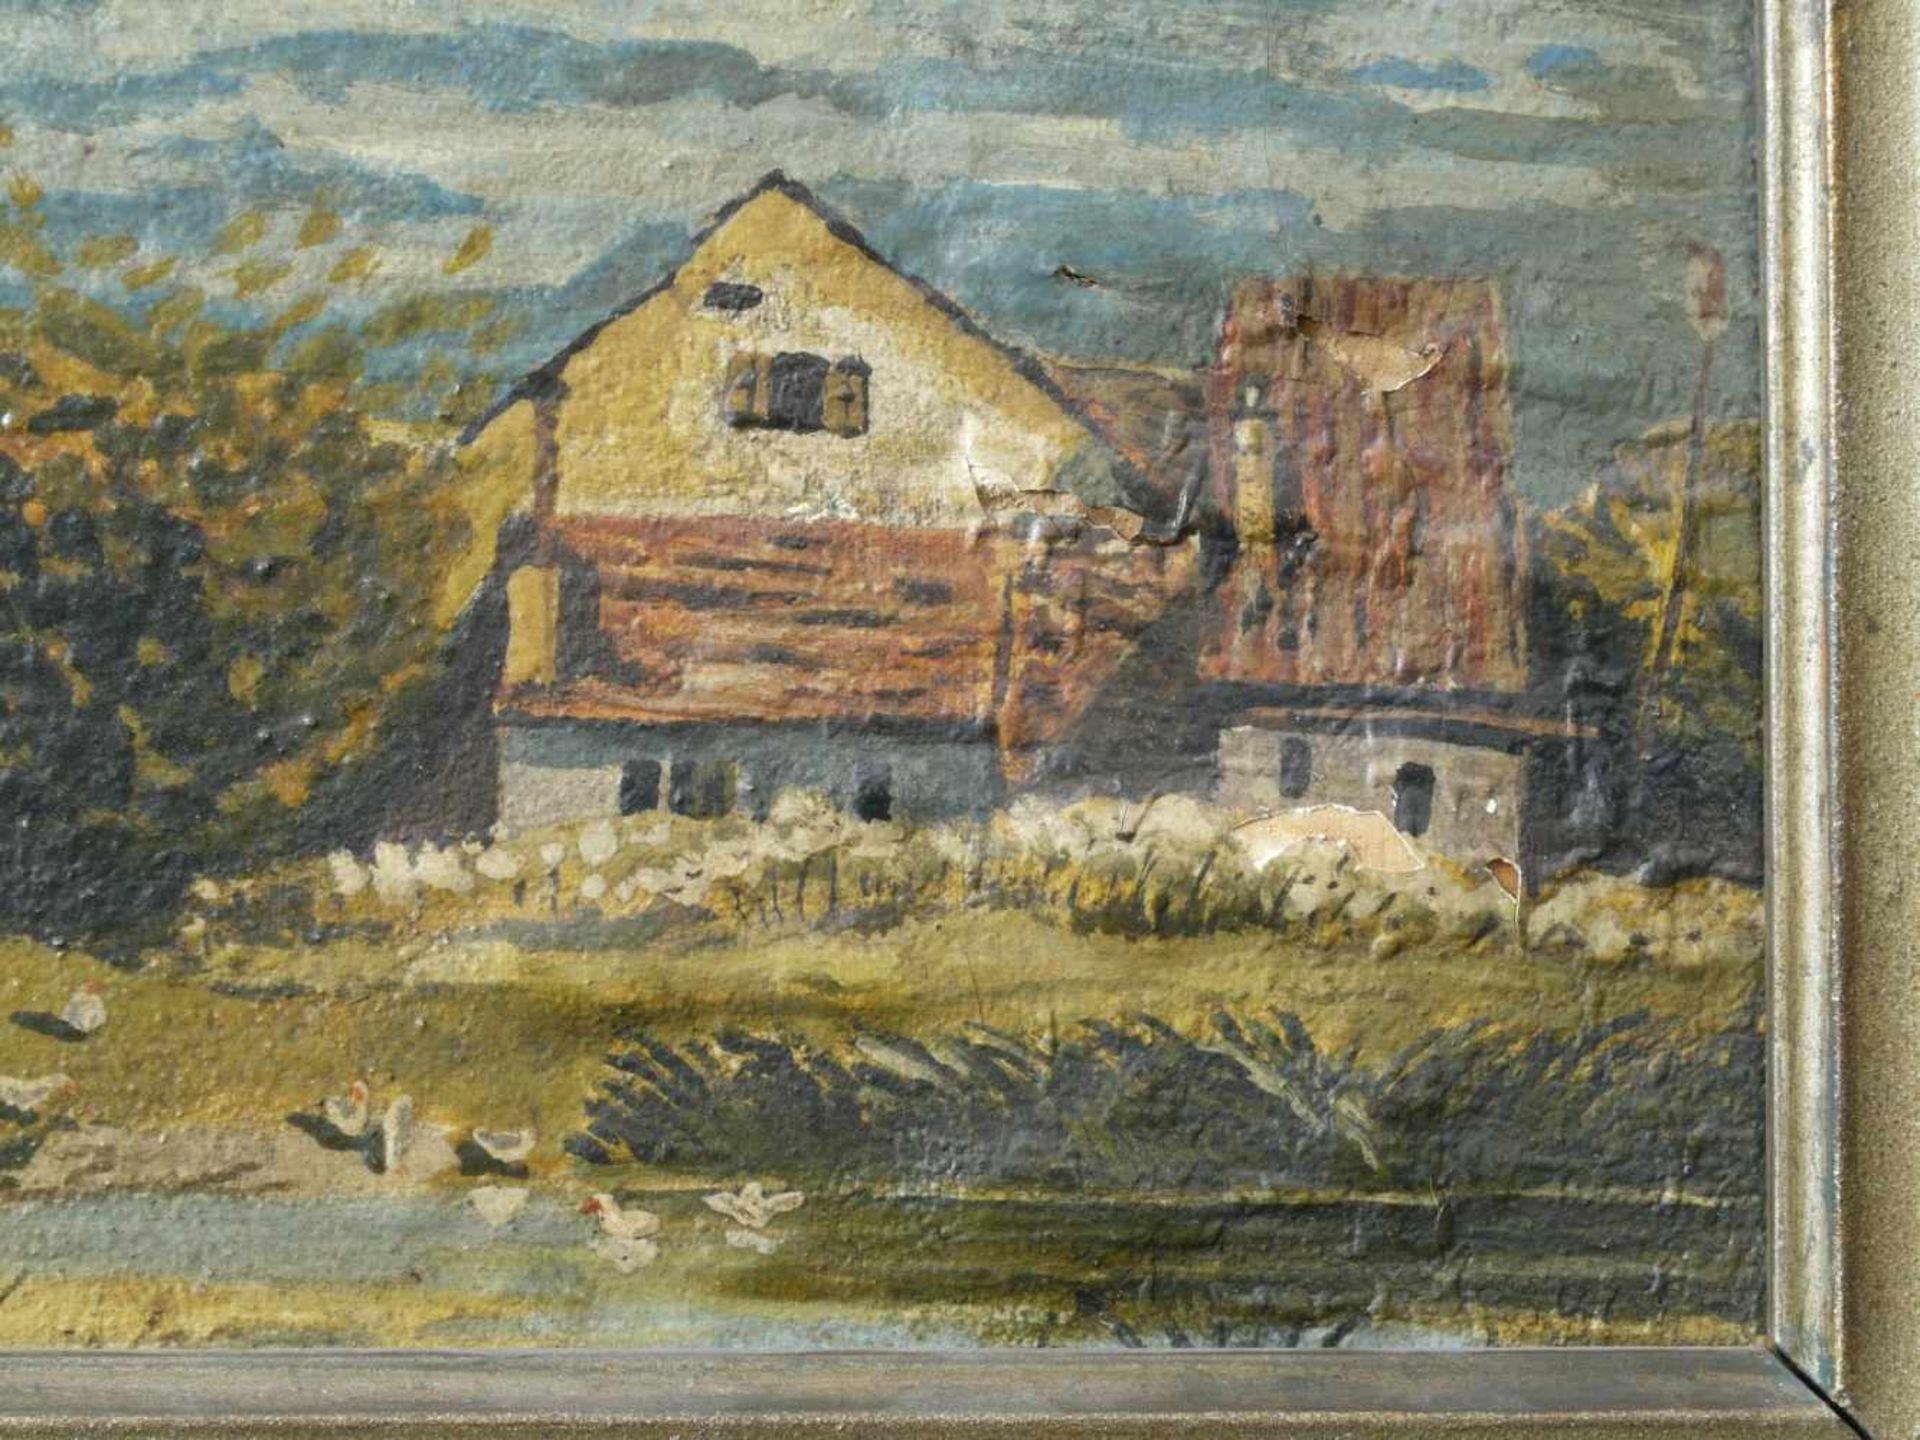 Kugler, Heinrich (1888 - ca. 1946) - Dorflandschaft Leinfarben 1898Bauerngehöft und weitere Häuser - Bild 3 aus 4